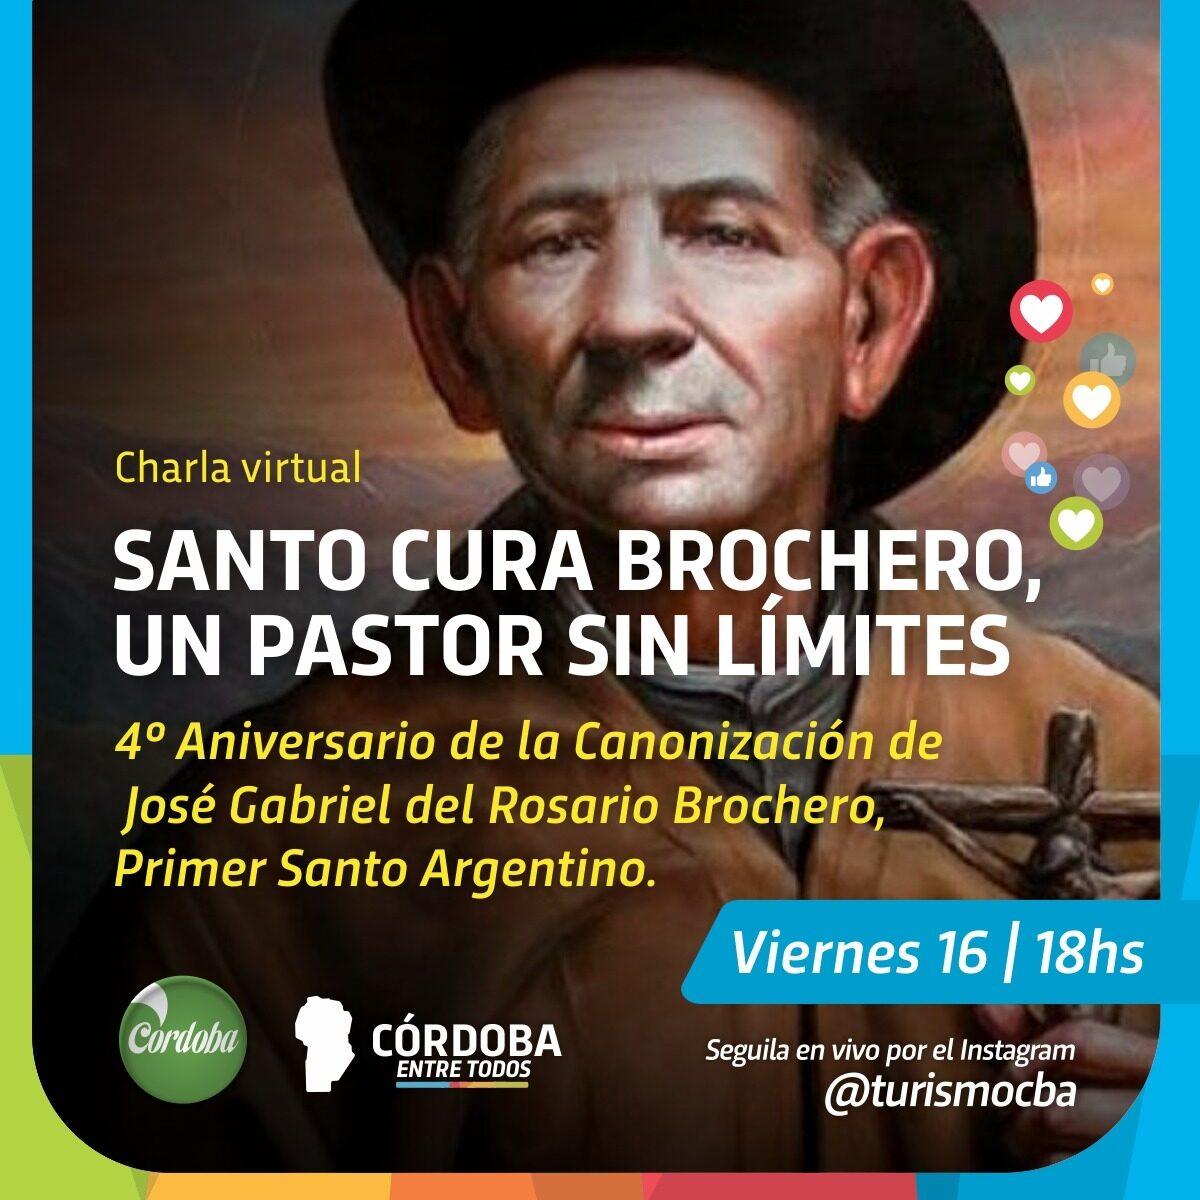 """Charla virtual sobre el Santo Cura Brochero, """"un pastor sin límites"""""""